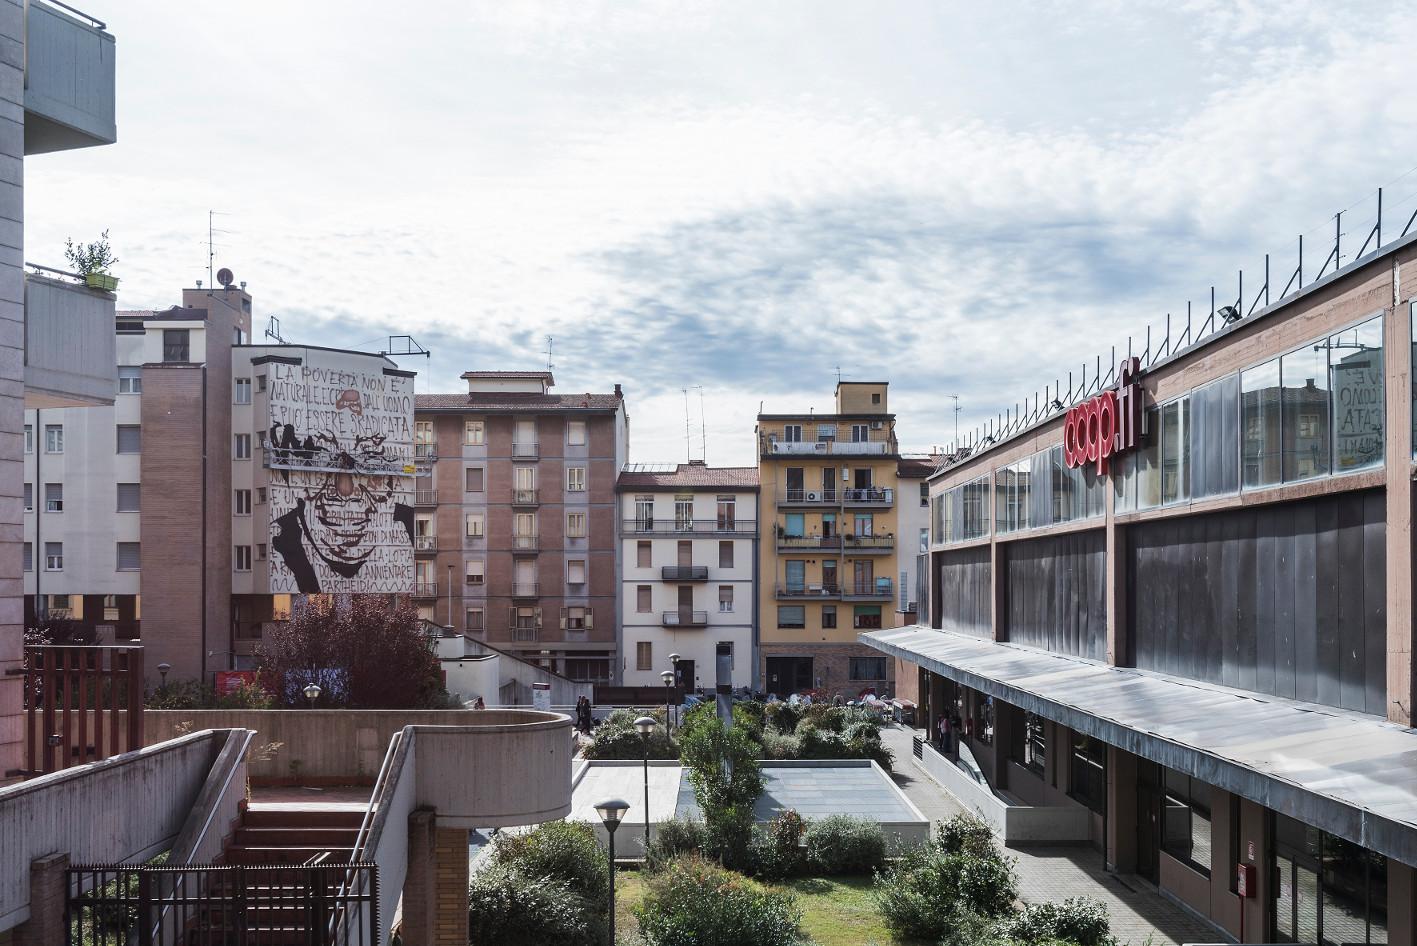 """Firenze: Al via la realizzazione del murale  """"Il Condominio dei Diritti"""" a firma dell'artista Jorit Agoch"""